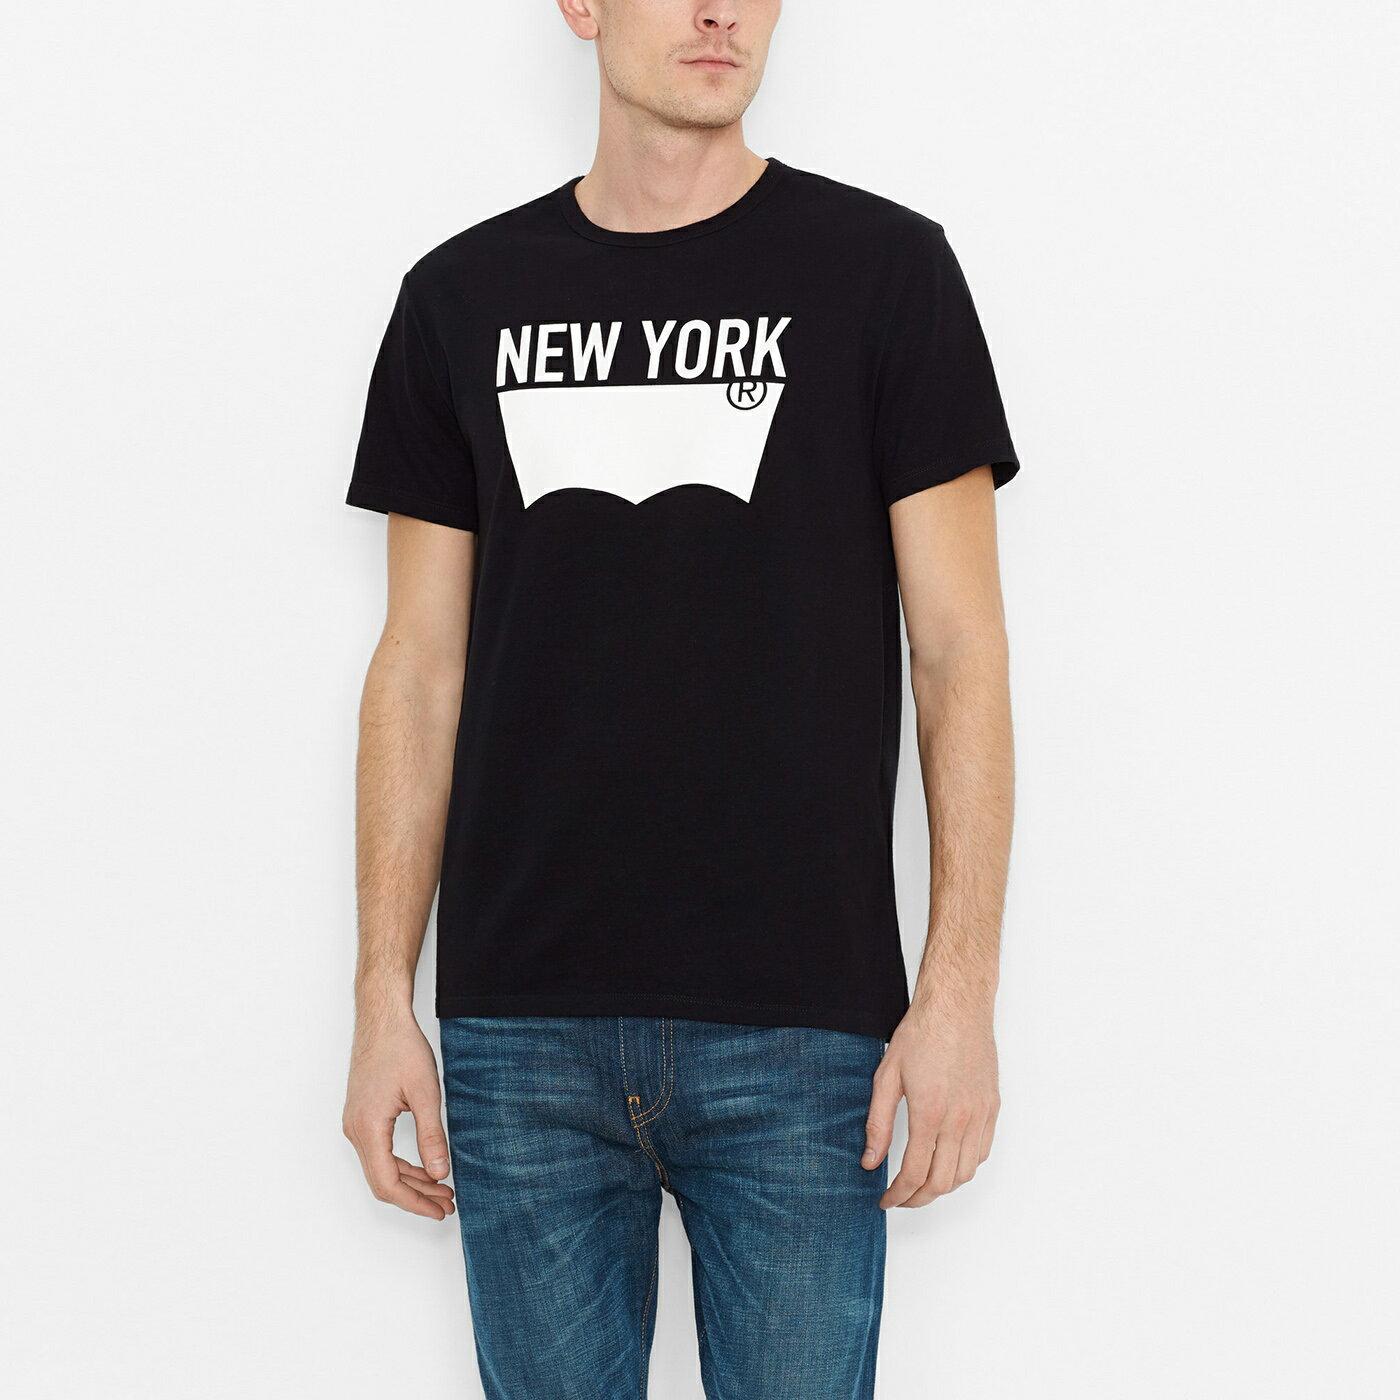 美國百分百【全新真品】Levis 短袖 T恤 logo 男 T-shirt 上衣 經典 tee 短T 黑 M號 F747